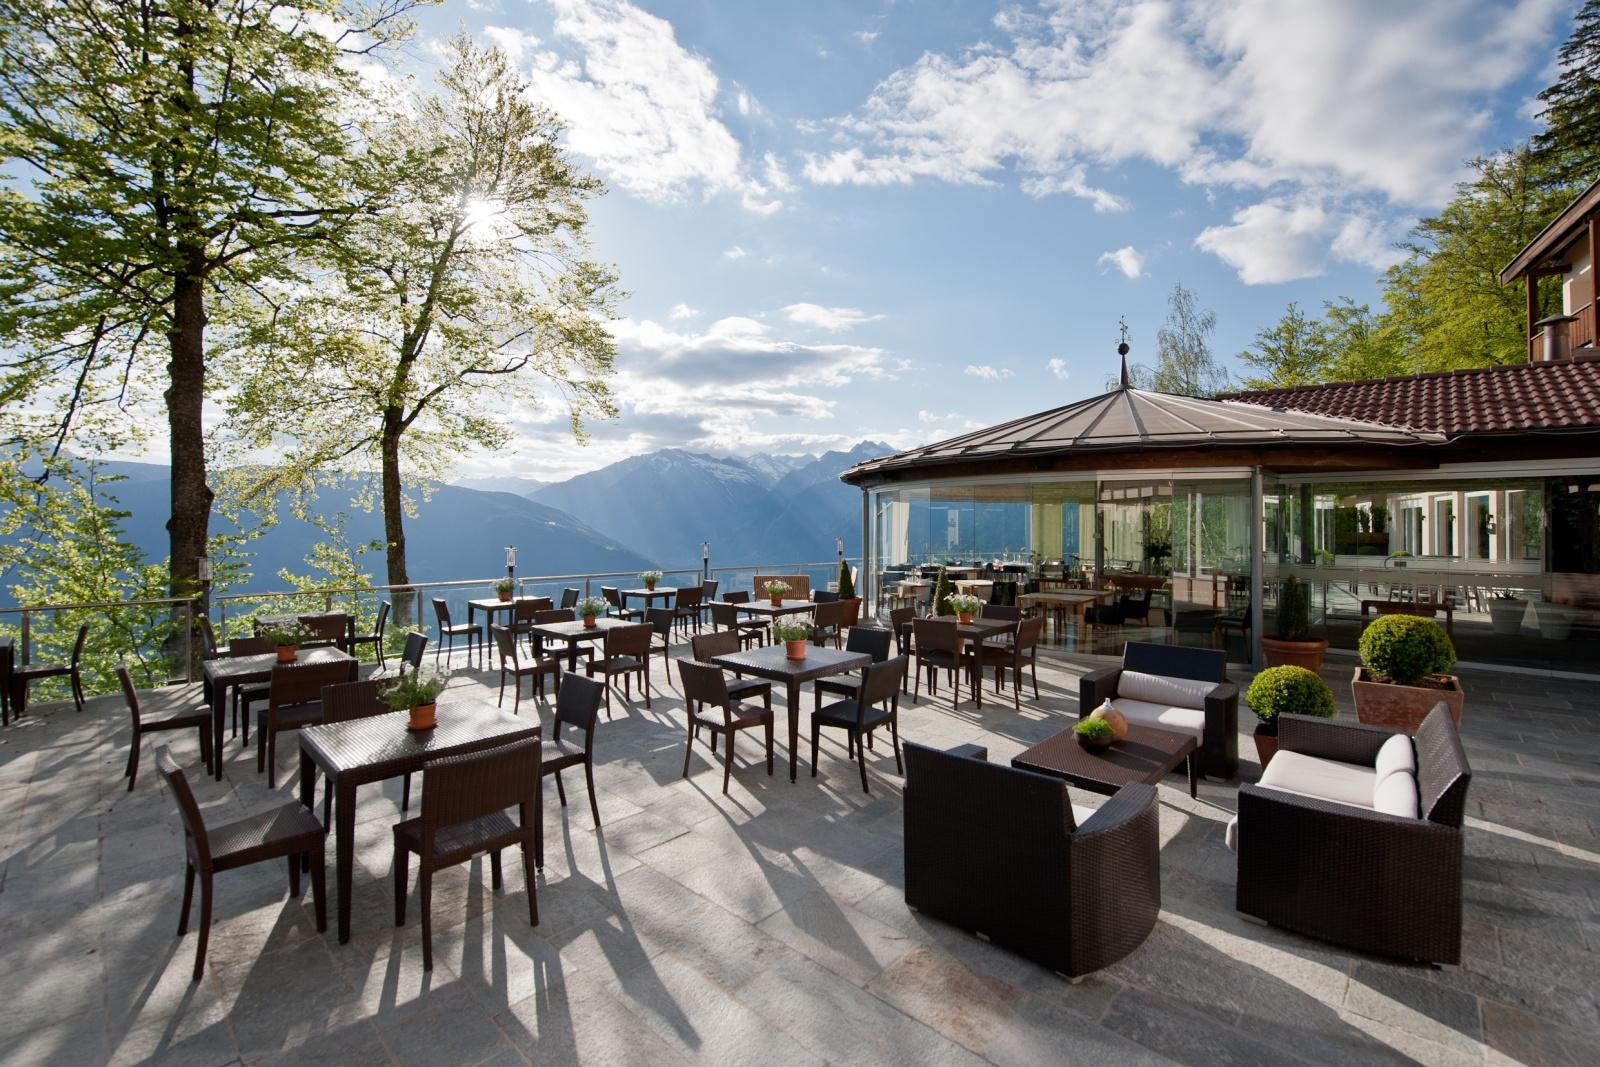 Hotel granpanorama miramonti for Hotel miramonti boutique